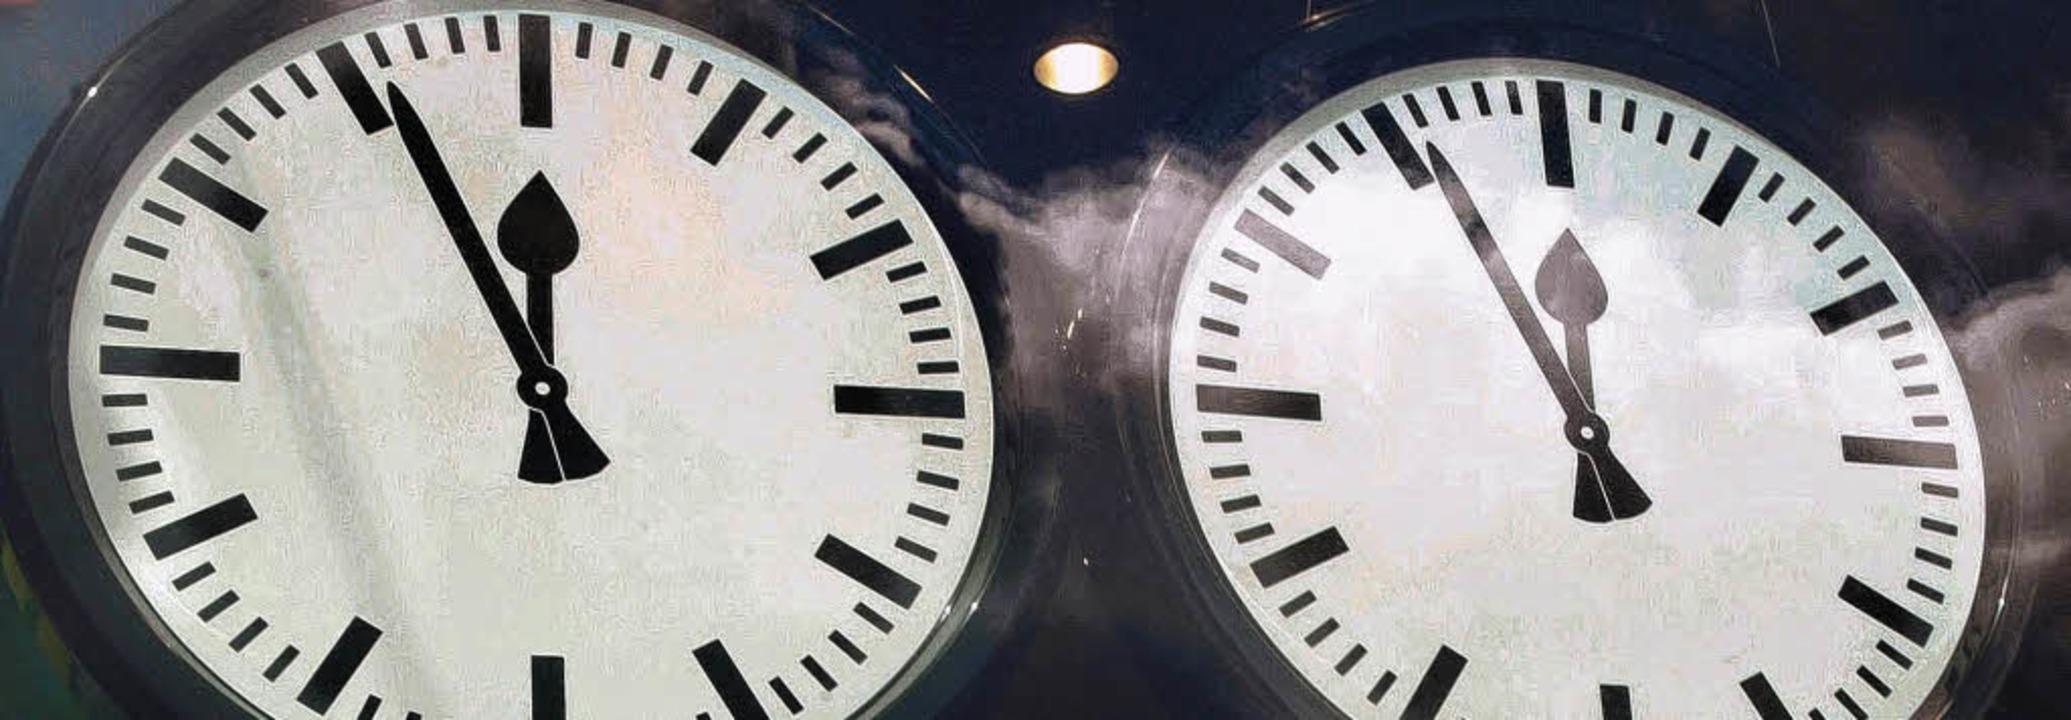 Jetzt wird es aber eng, die Zeit läuft... das nicht unbedingt die Kreativität.     Foto: dpa